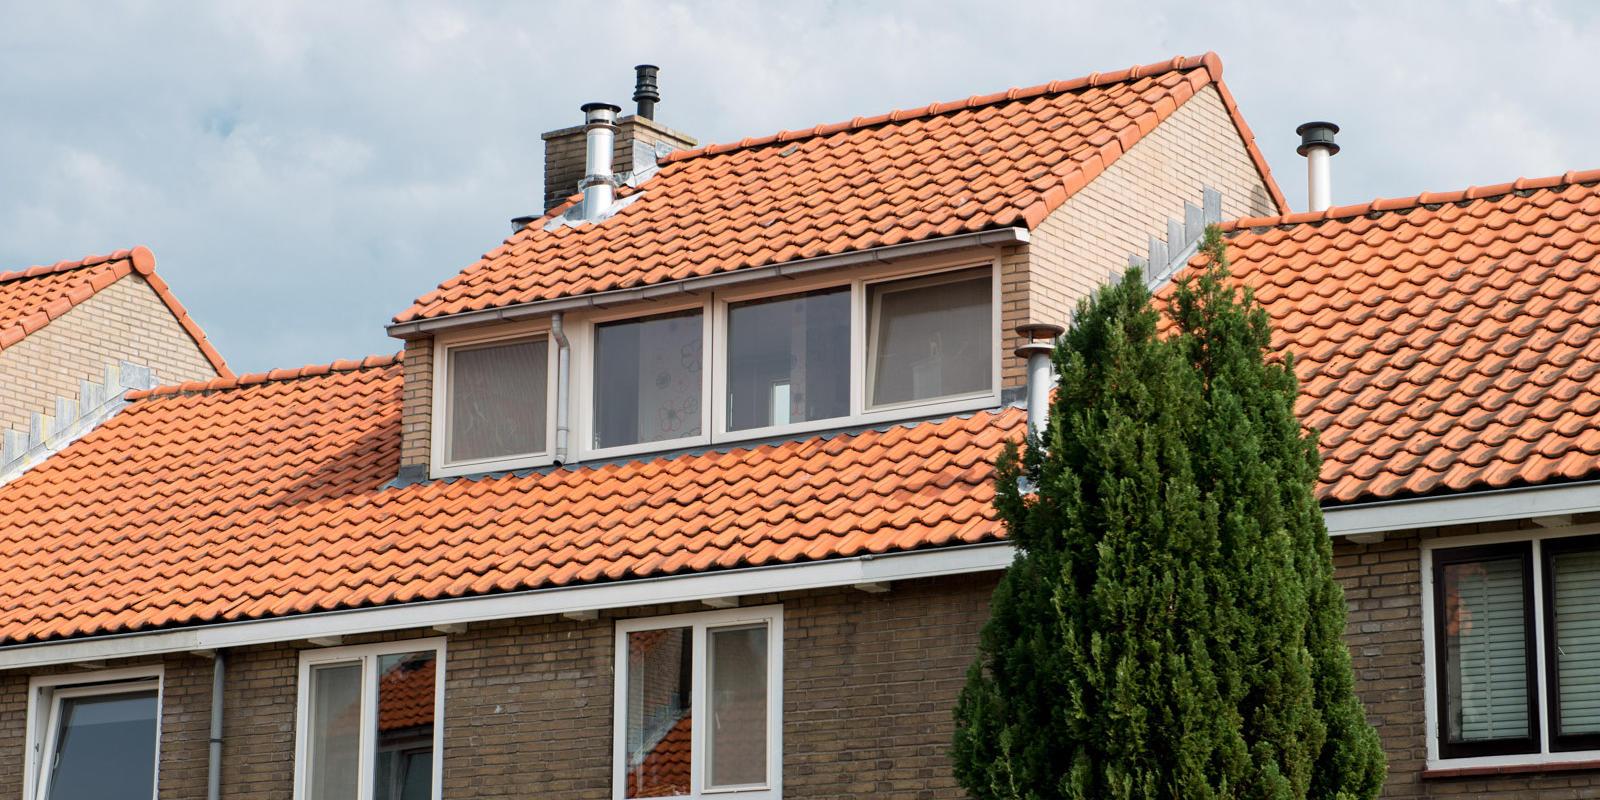 nokverhoging dakkapel of dakopbouw plaatsen